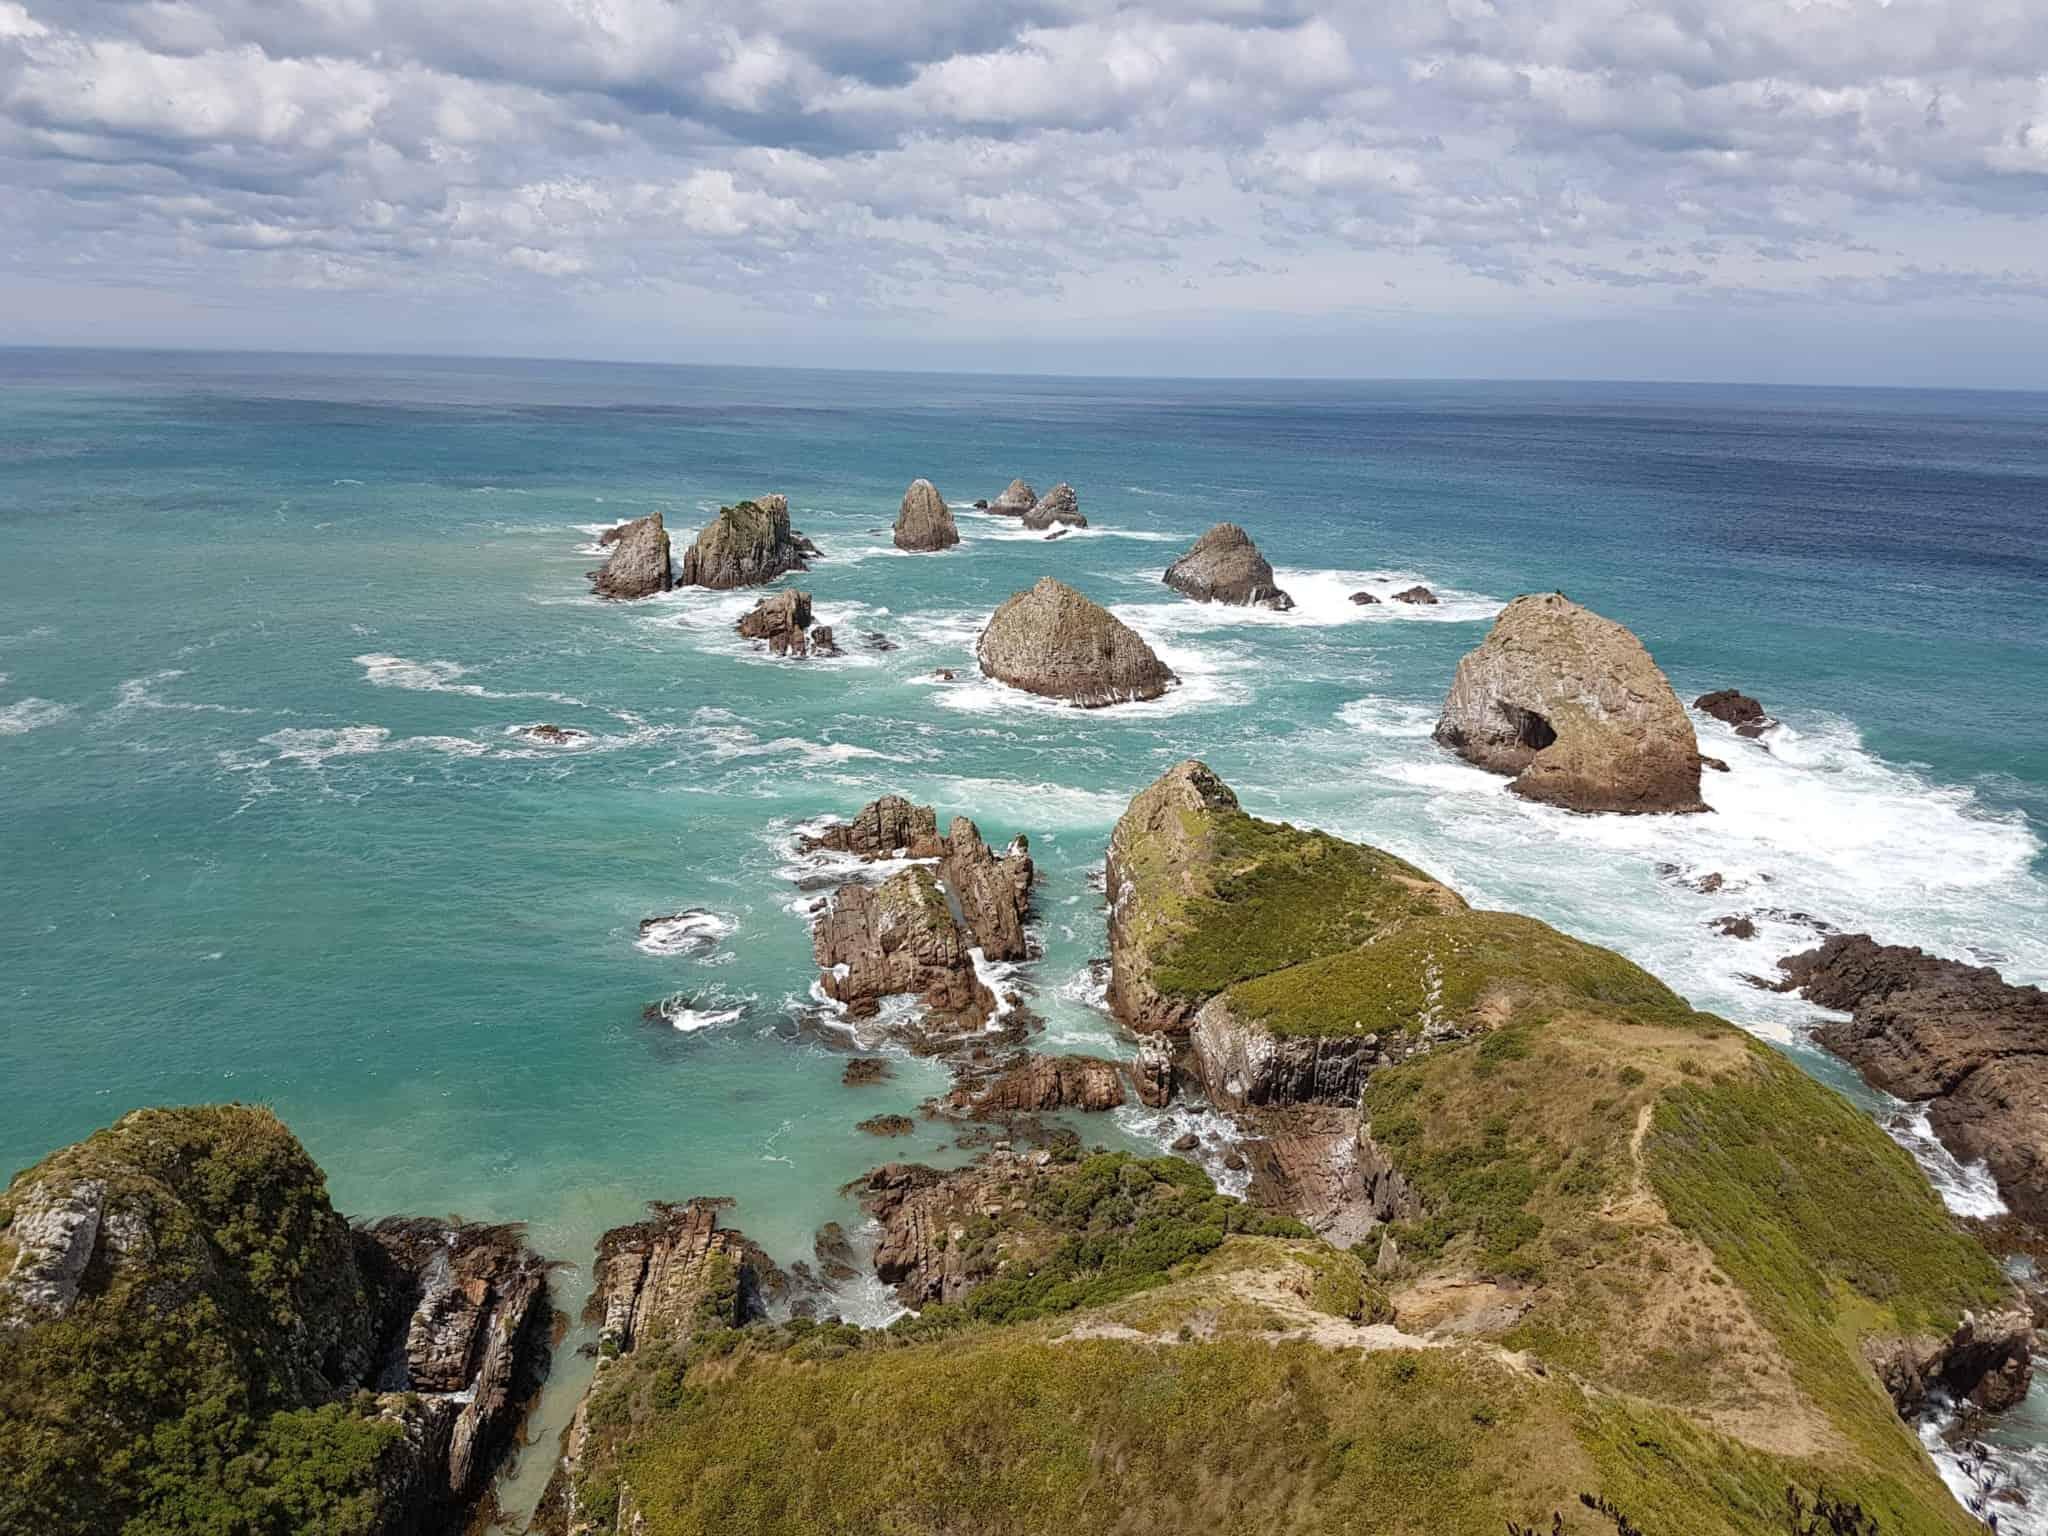 Nouvelle-Zélande, rencontre avec les pingouins aux yeux jaunes 🐧 21